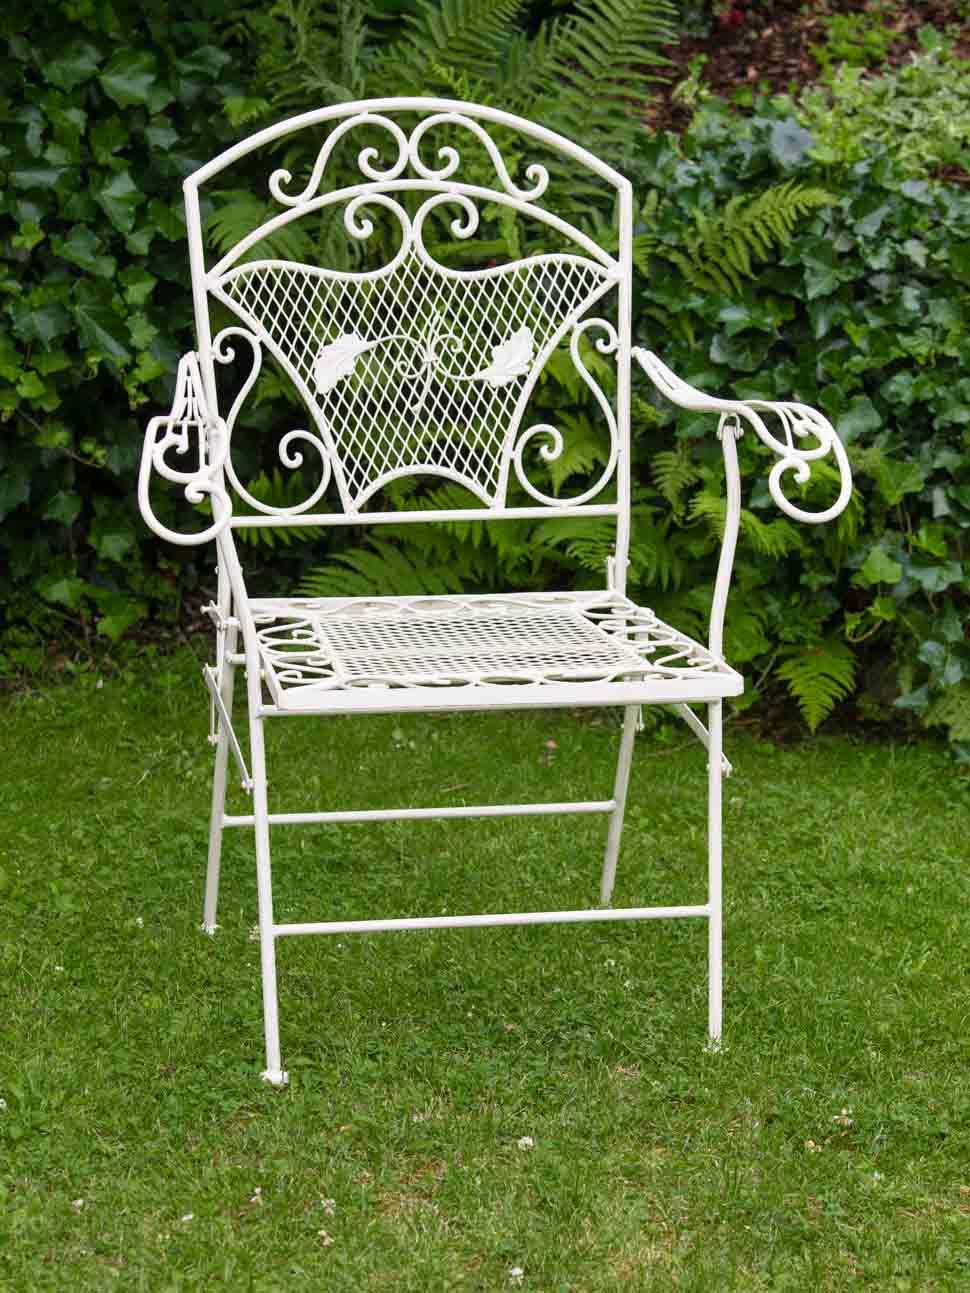 Nostalgie jardin fauteuil fer 15kg chaise de jardin fauteuil chaise antique style chair Iron